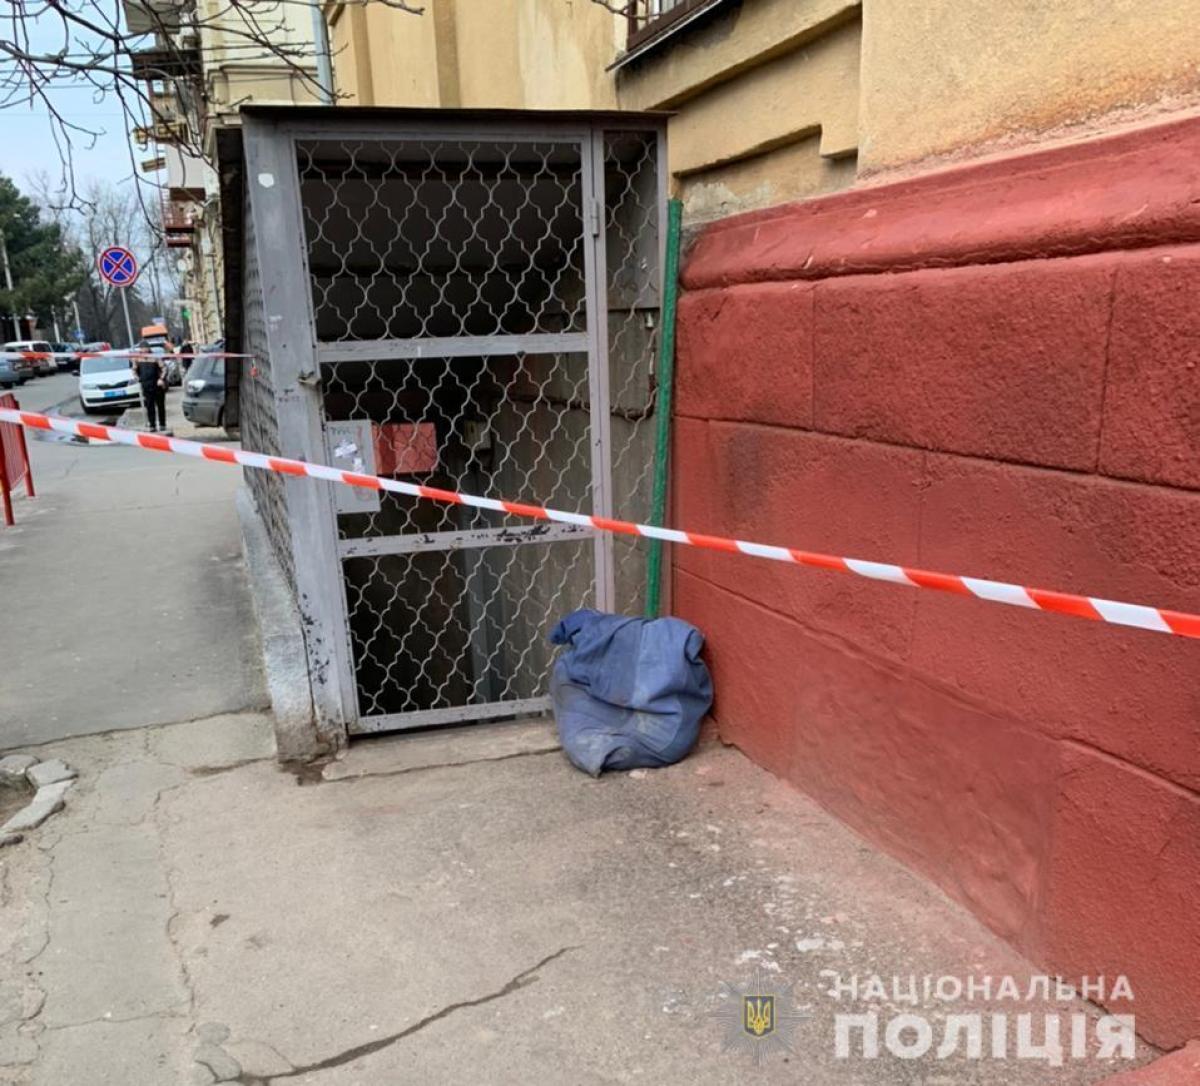 В обласному центрі біля школи знайшли тіло, яке було у мішку